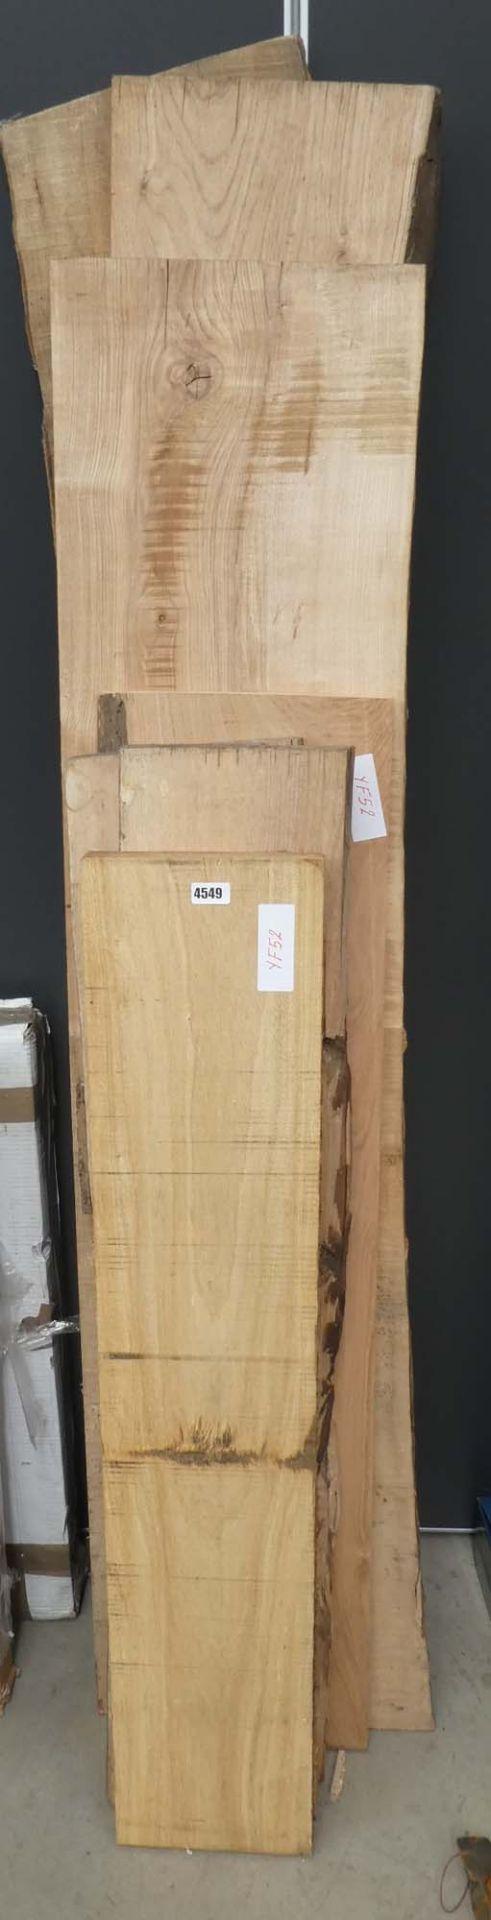 Assortment of timber